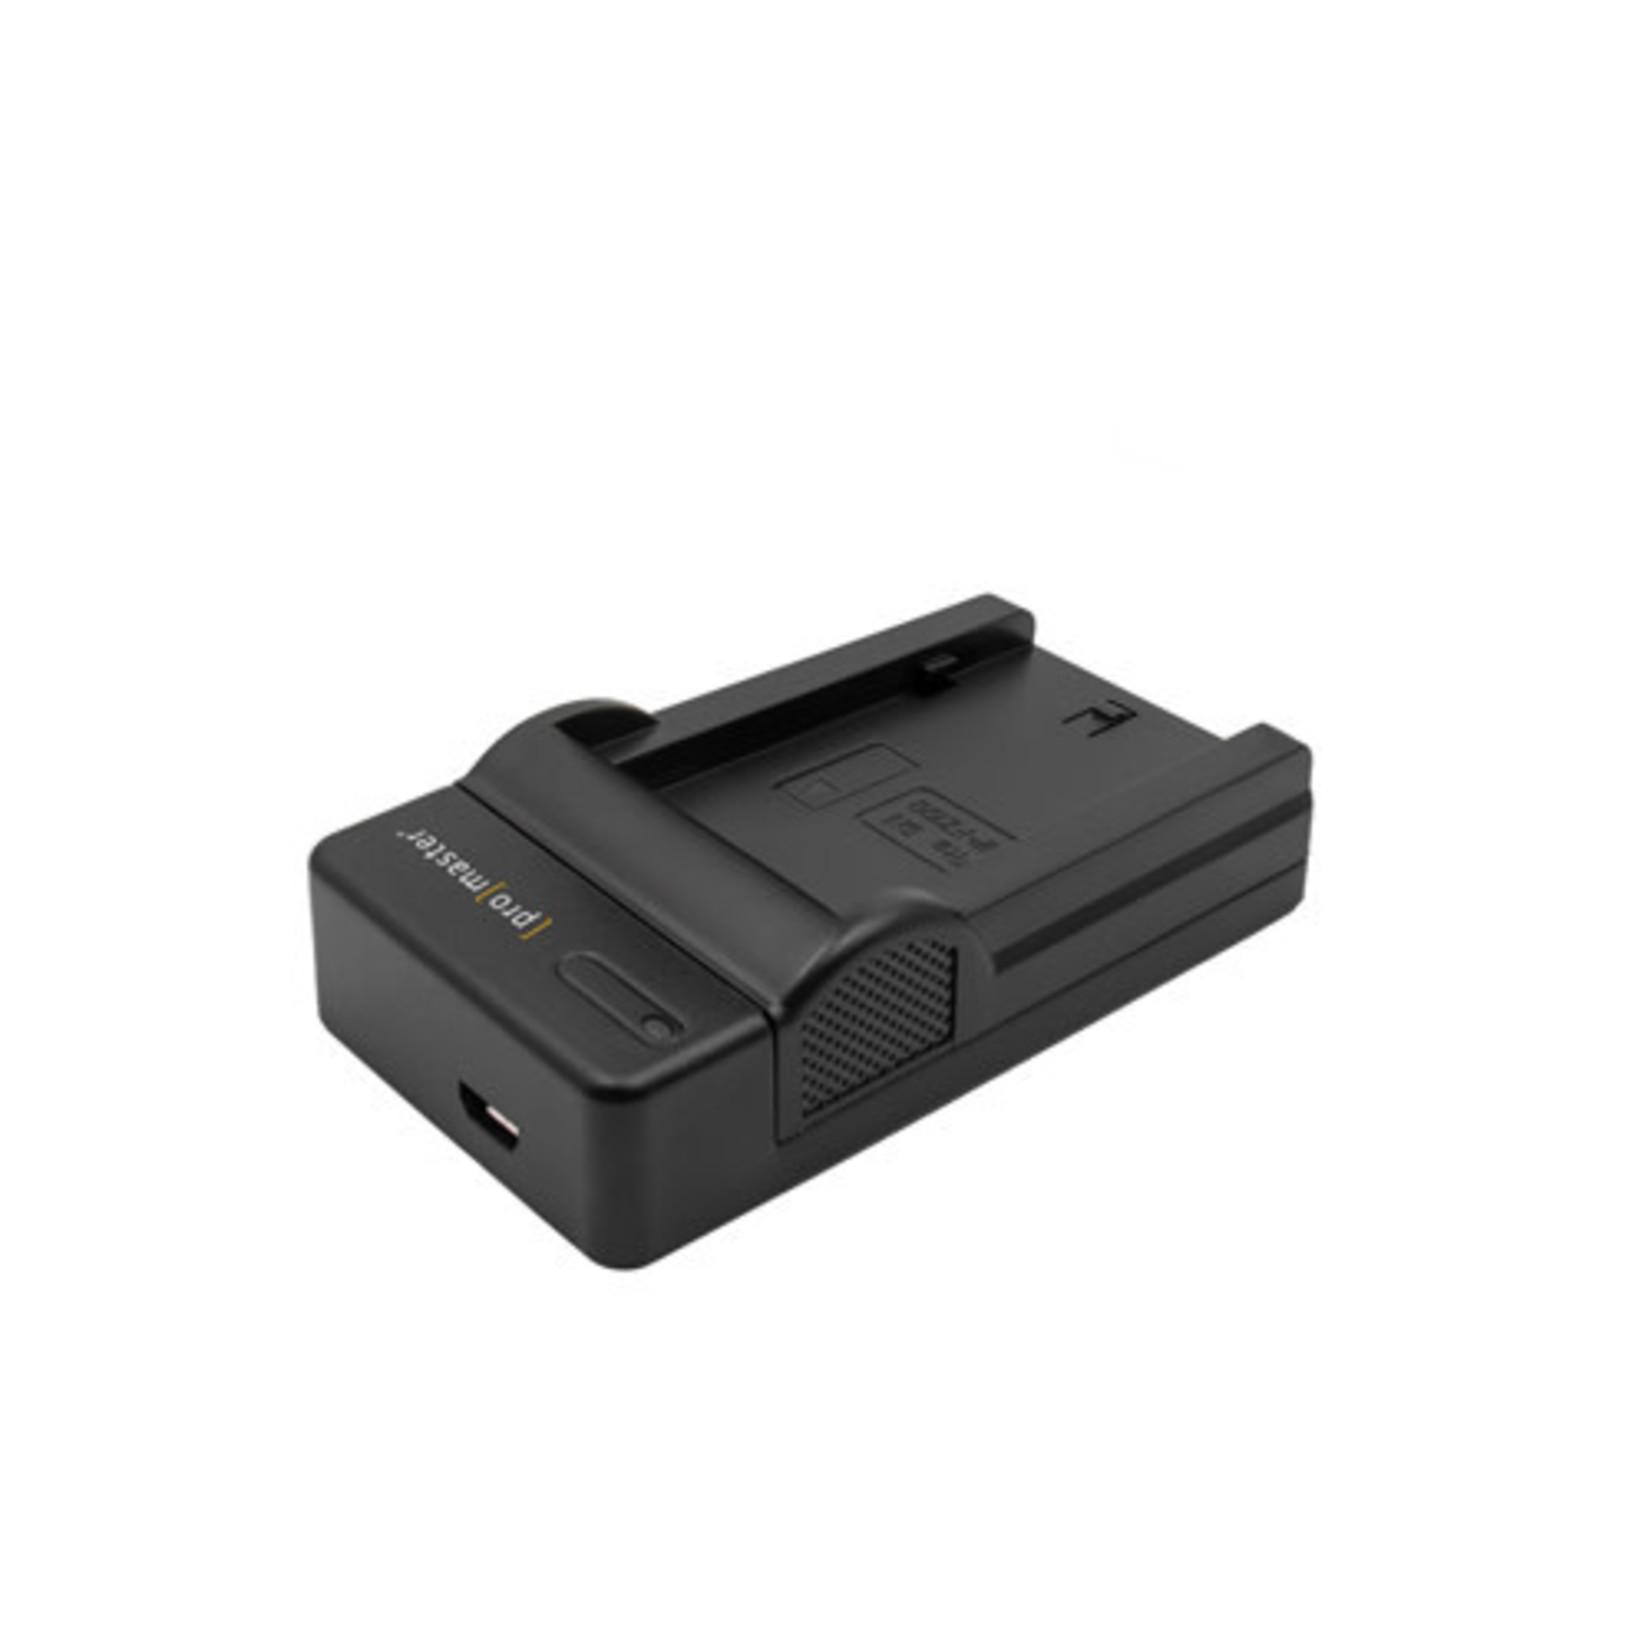 ProMaster Battery / USB-Charger Kit for Nikon EN-EL14